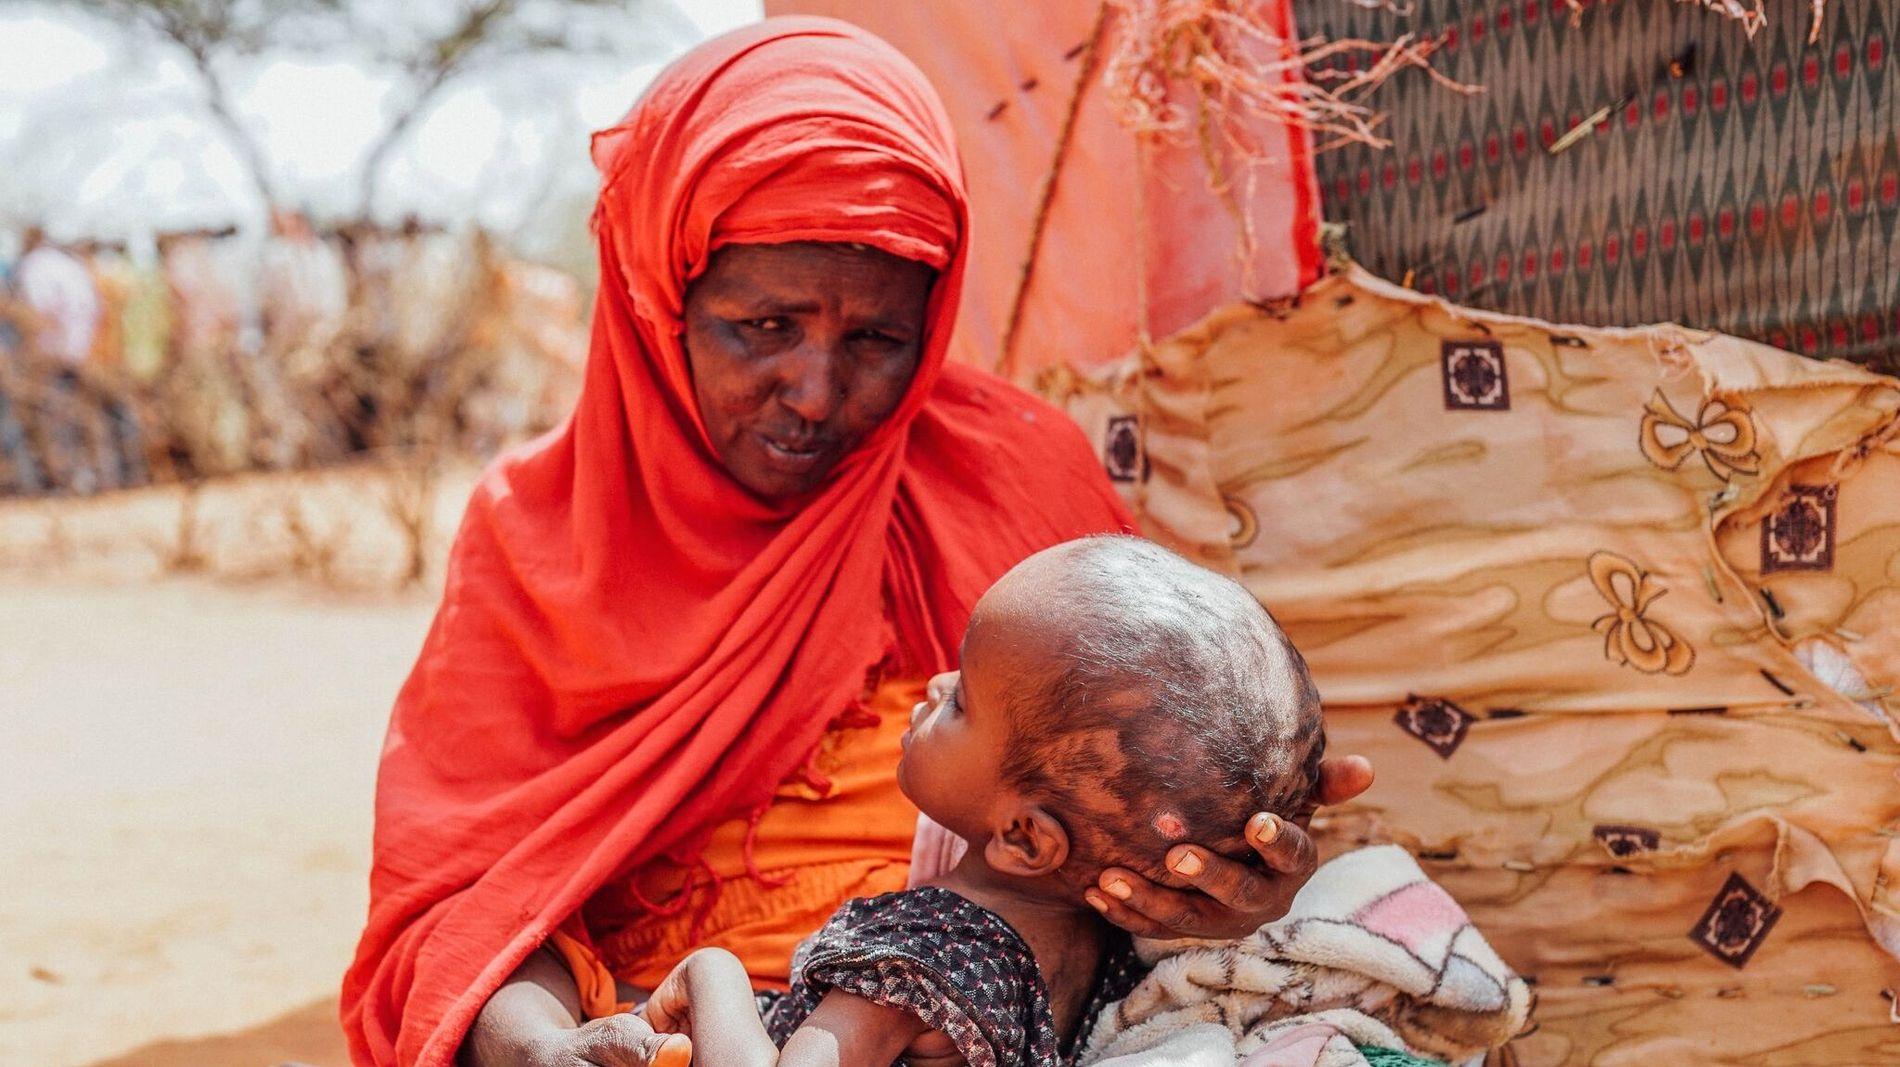 SYKT BARN: Kinsi Hassan bor i flyktningleir på grensen mellom Somalia og Etiopia. Datteren Nora er fire år og er alvorlig syk, men får ikke behandling.